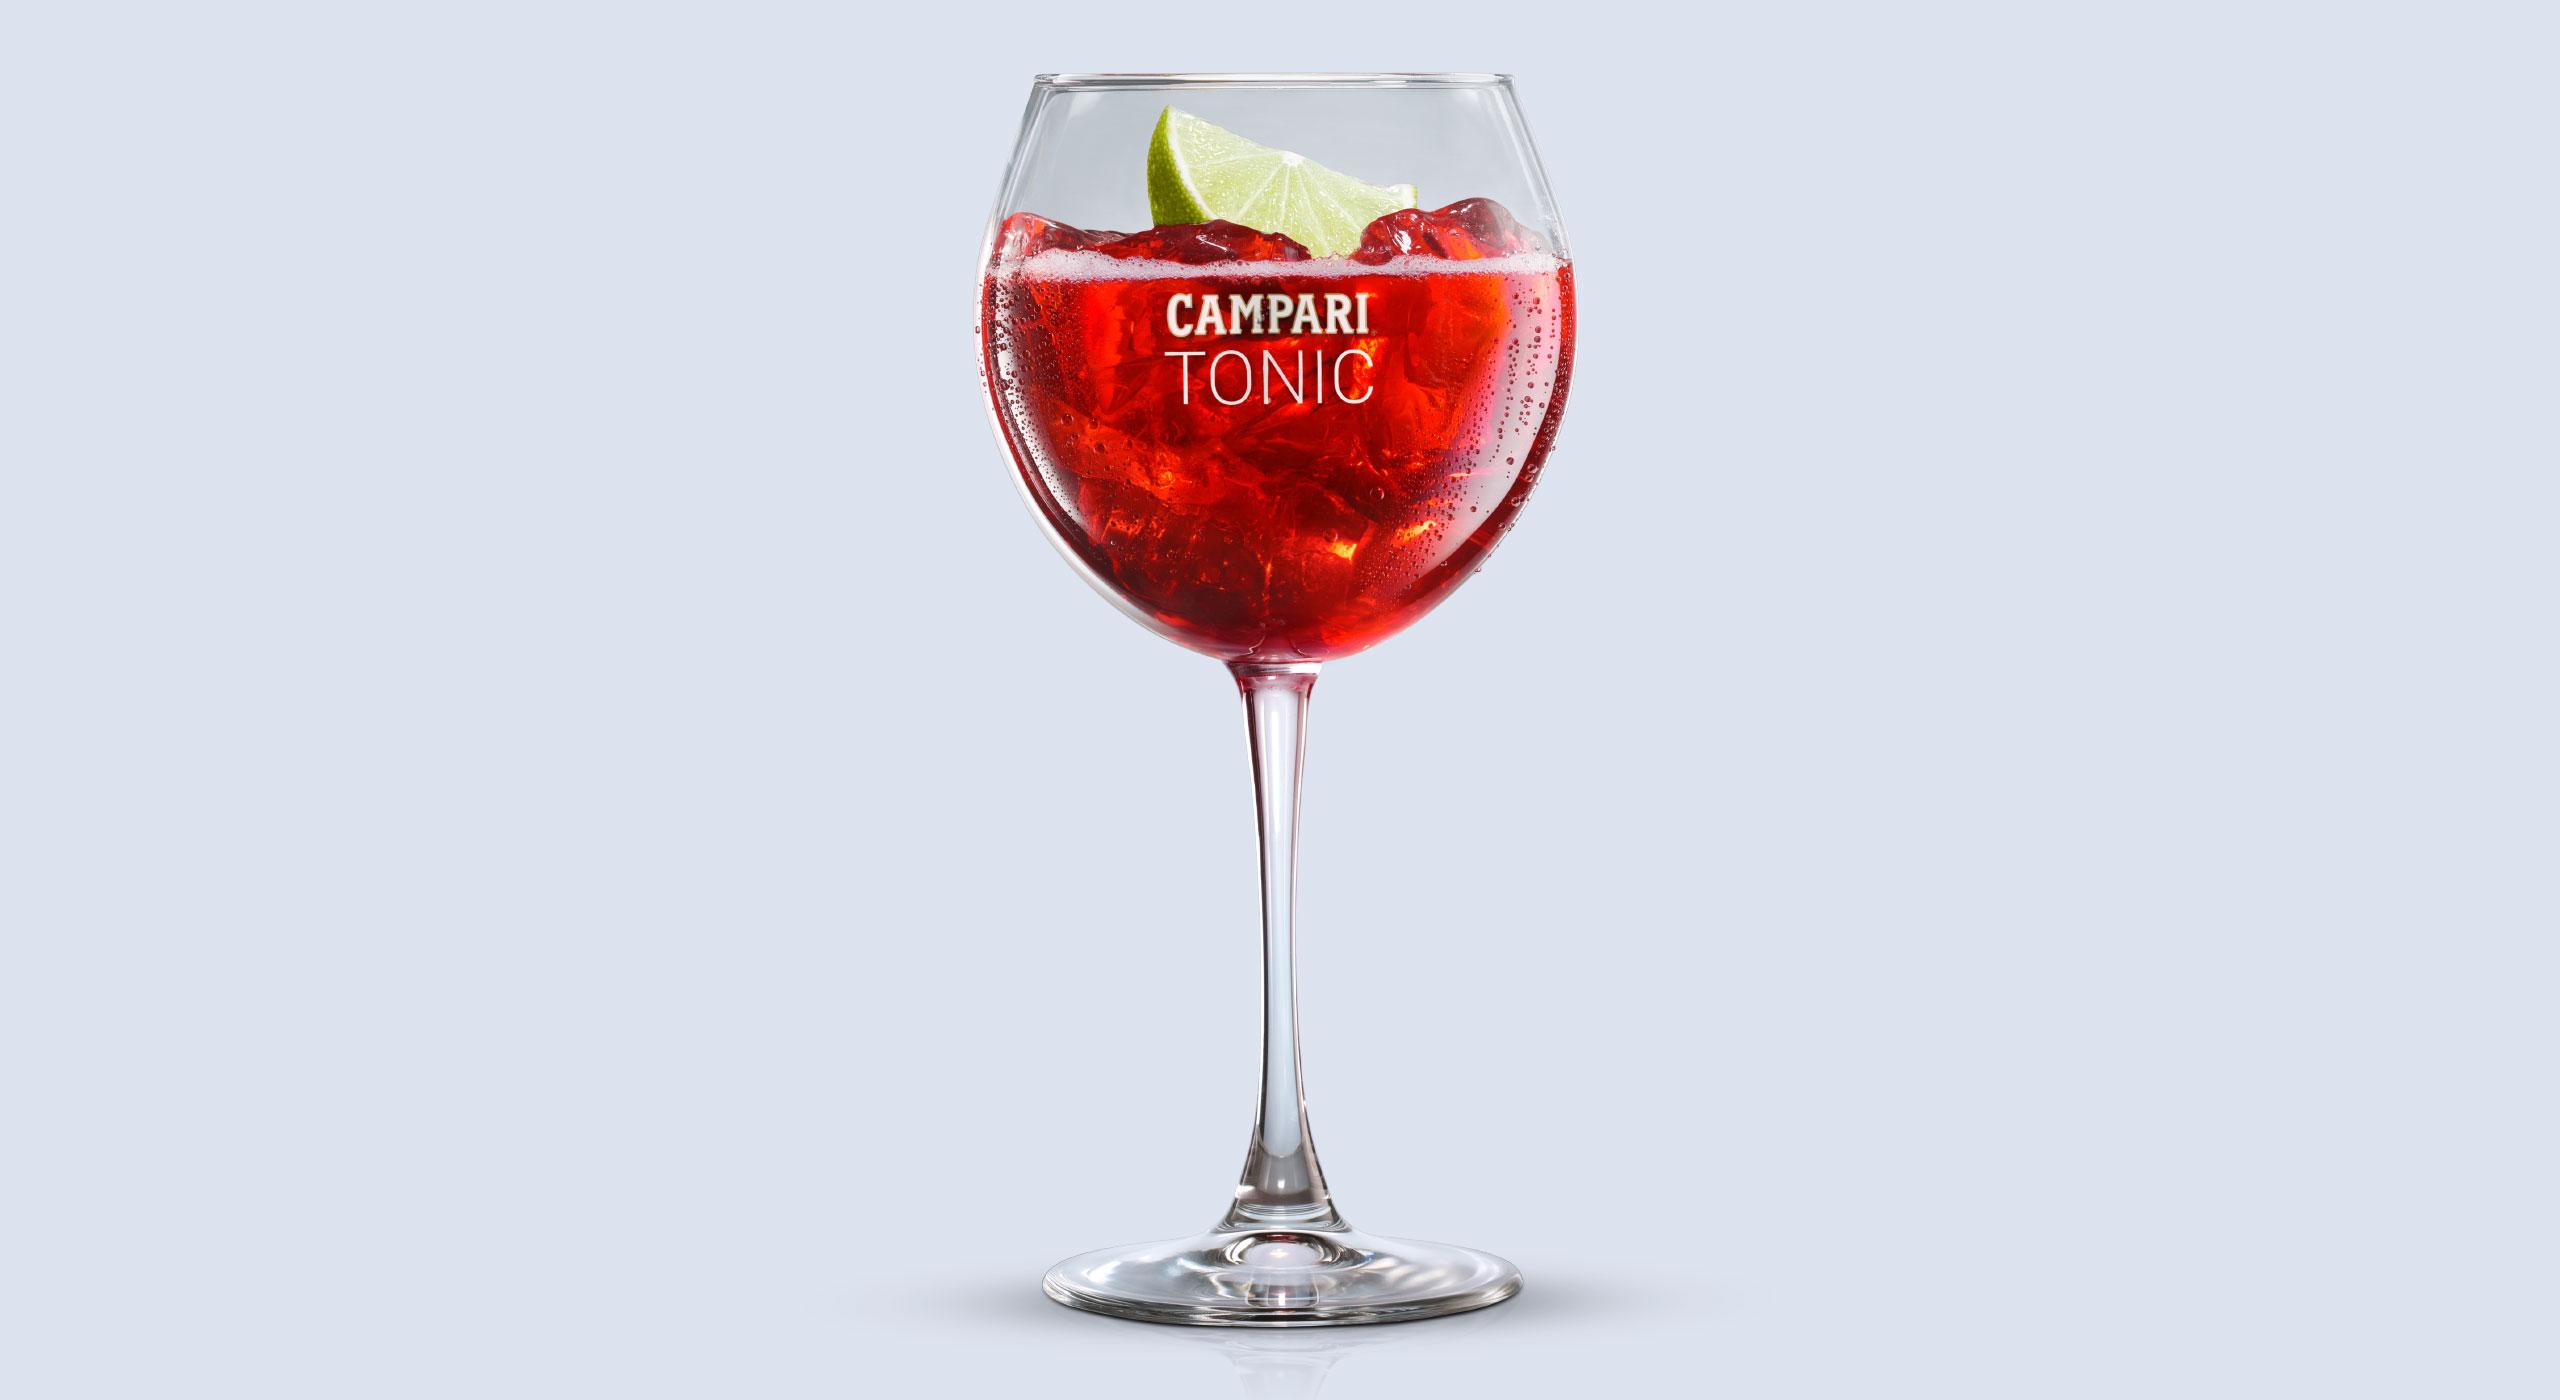 Campari_Tonic